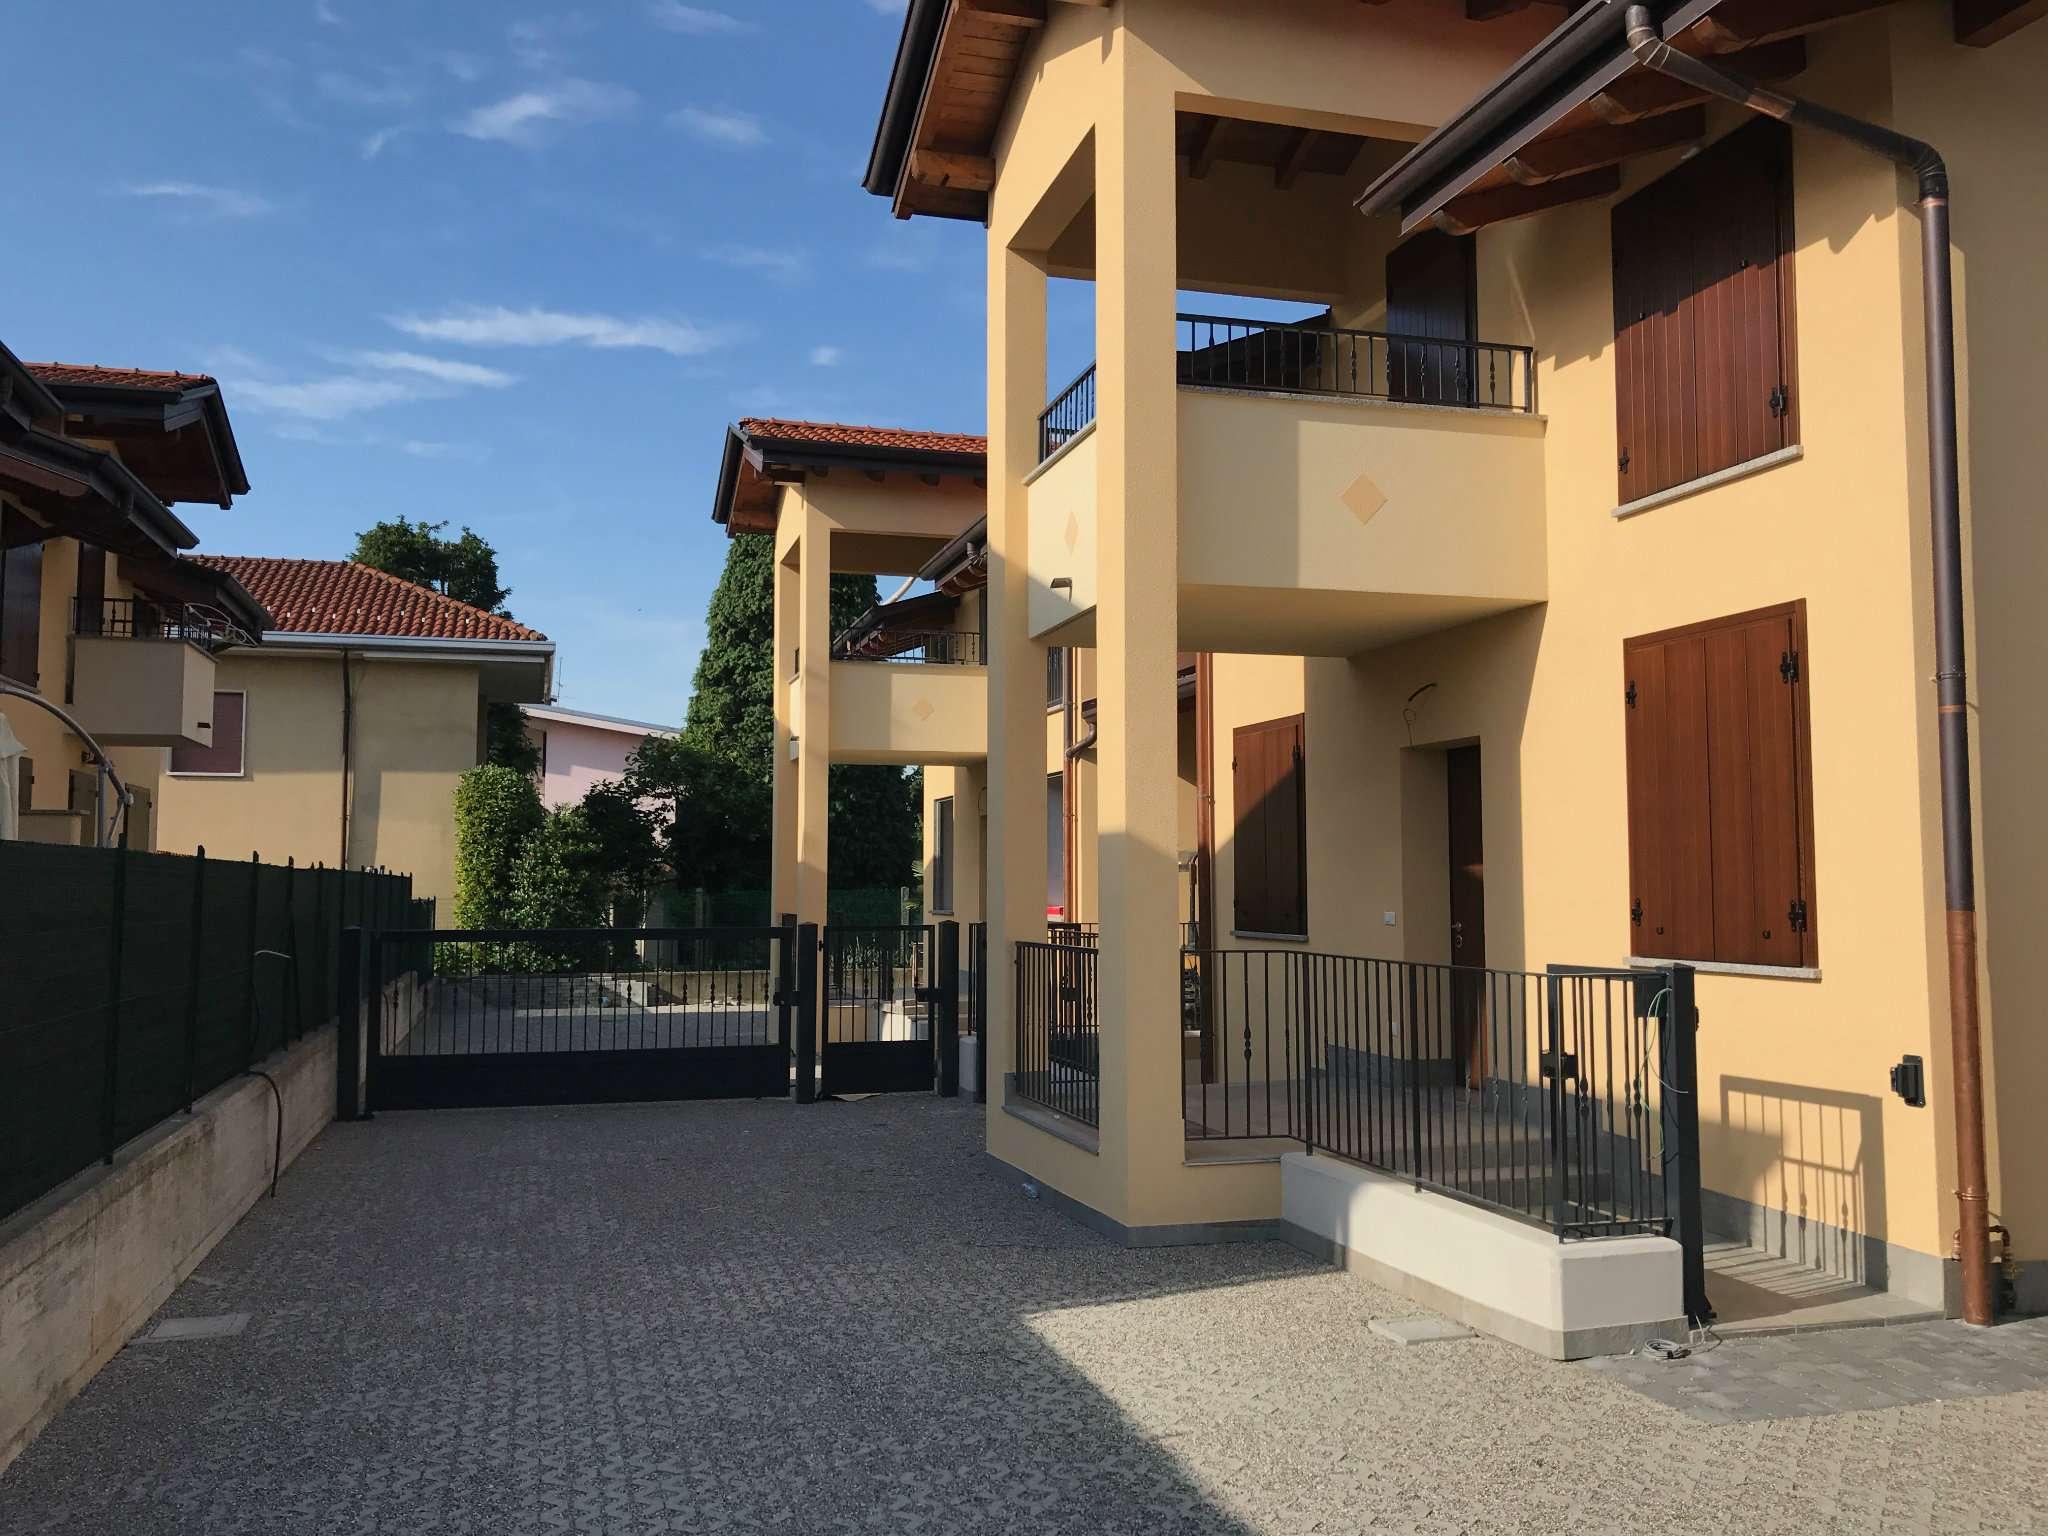 Villa in vendita a Ferno, 4 locali, prezzo € 280.000 | CambioCasa.it